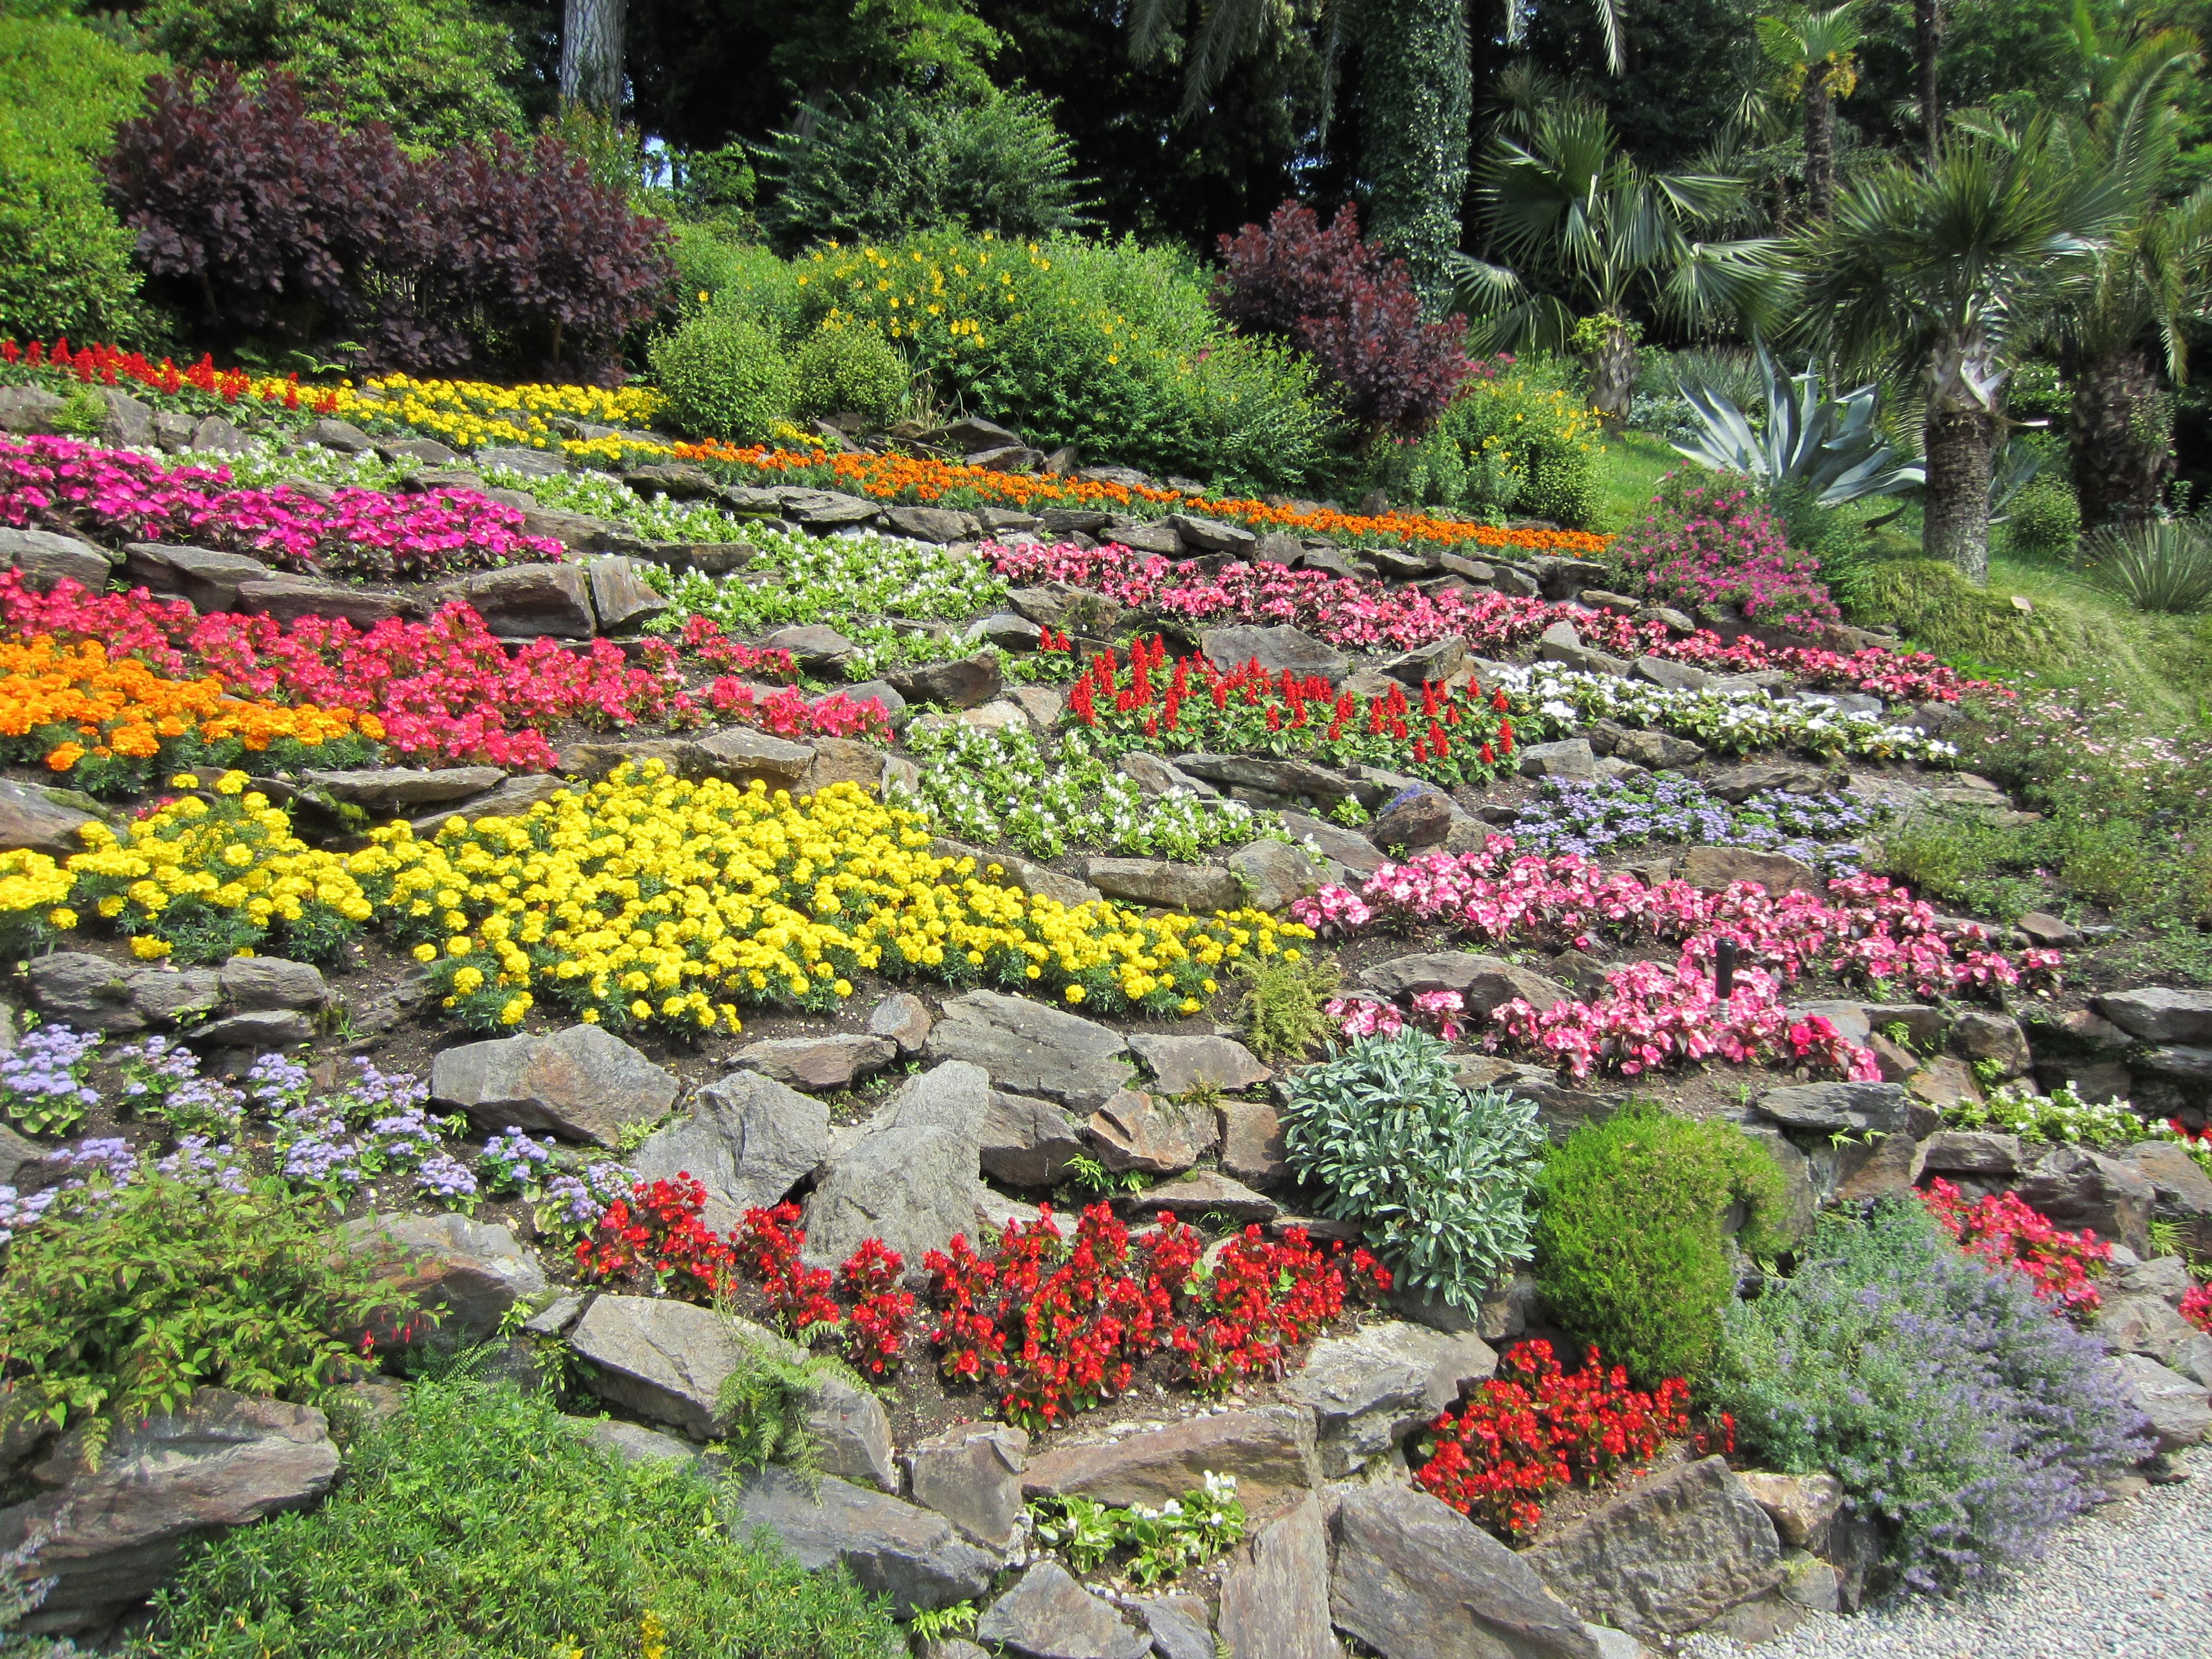 File parco di villa carlotta fiorito jpg wikimedia commons - Foto di giardini fioriti ...